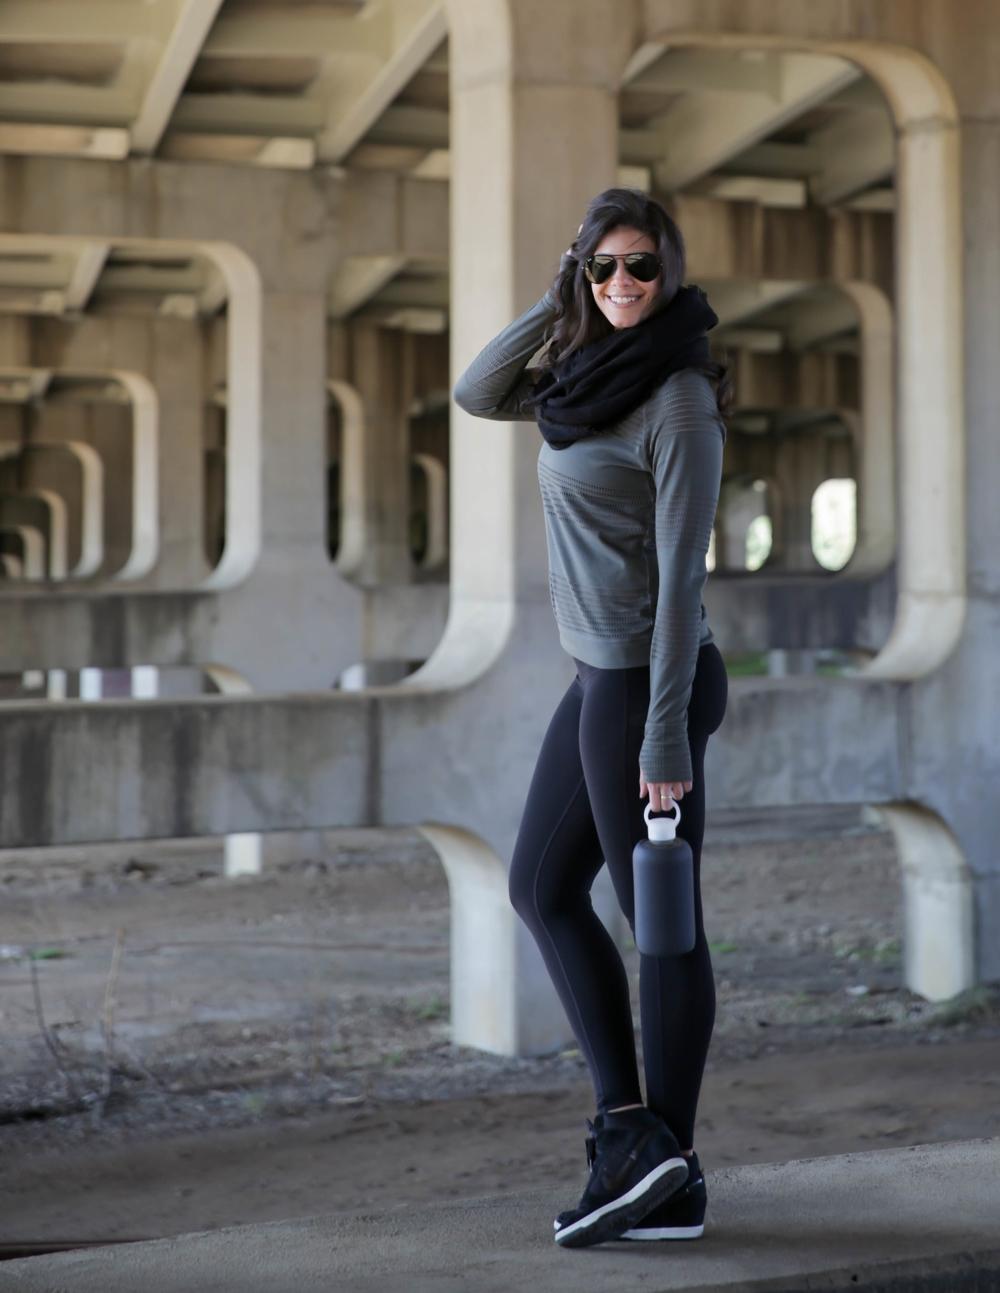 LaurenSchwaiger-Active-Life-Style-Blog-Athleta.com